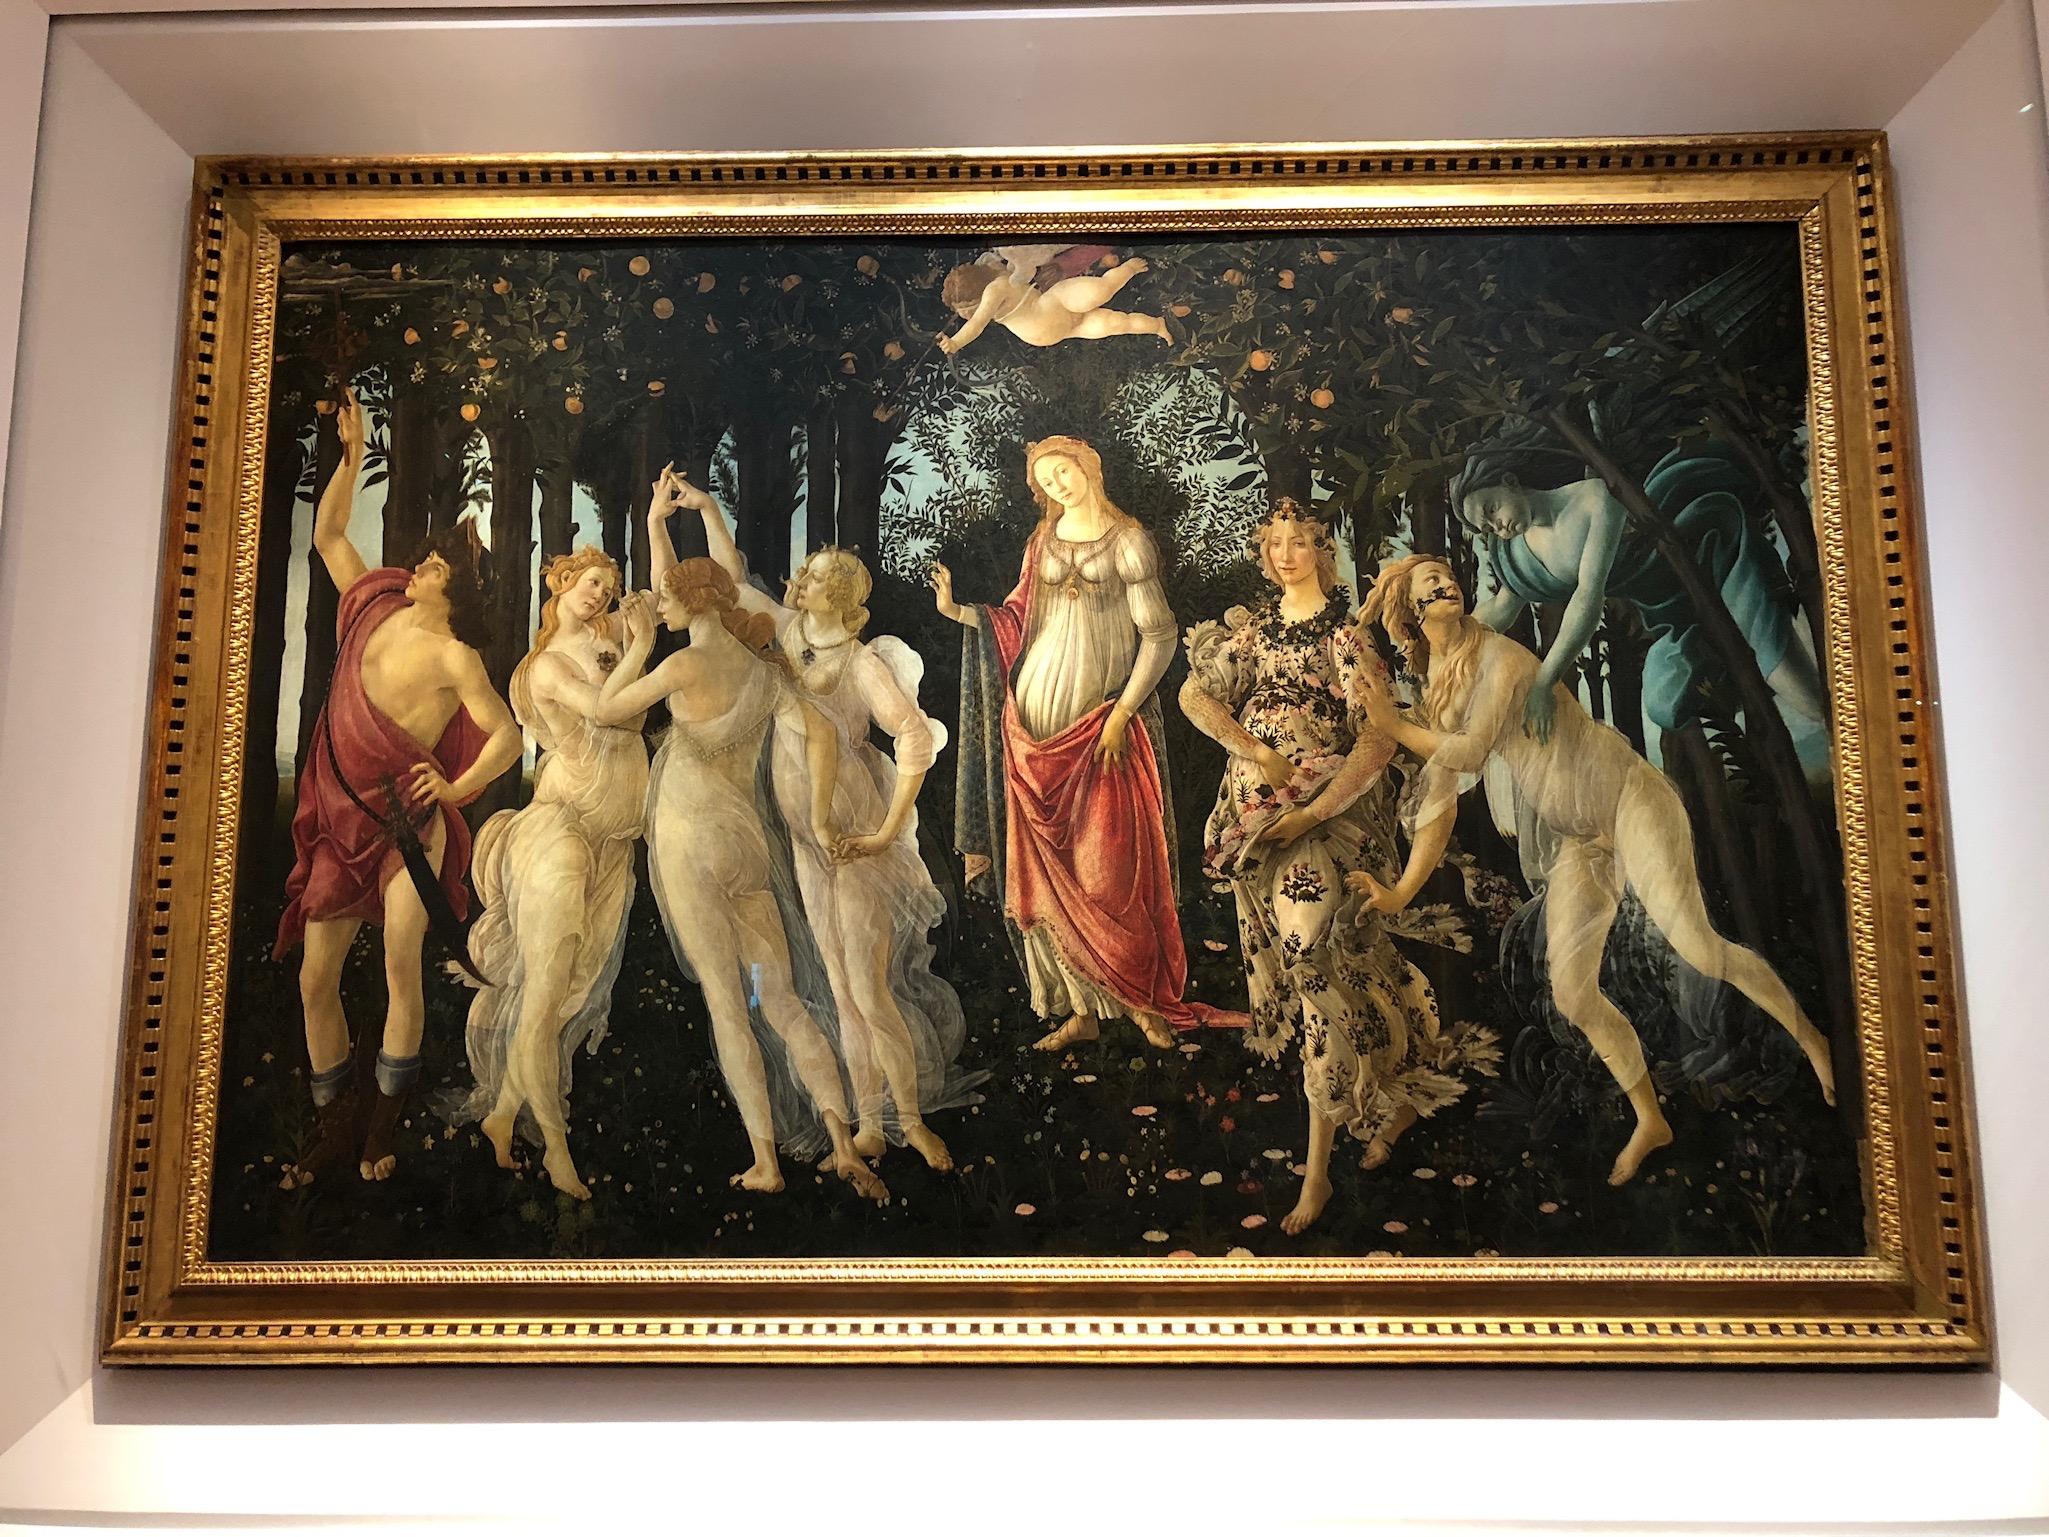 La Primavera (Spring), circa 1480, tempera grass on wood by Botticelli at the Uffizi Museum.